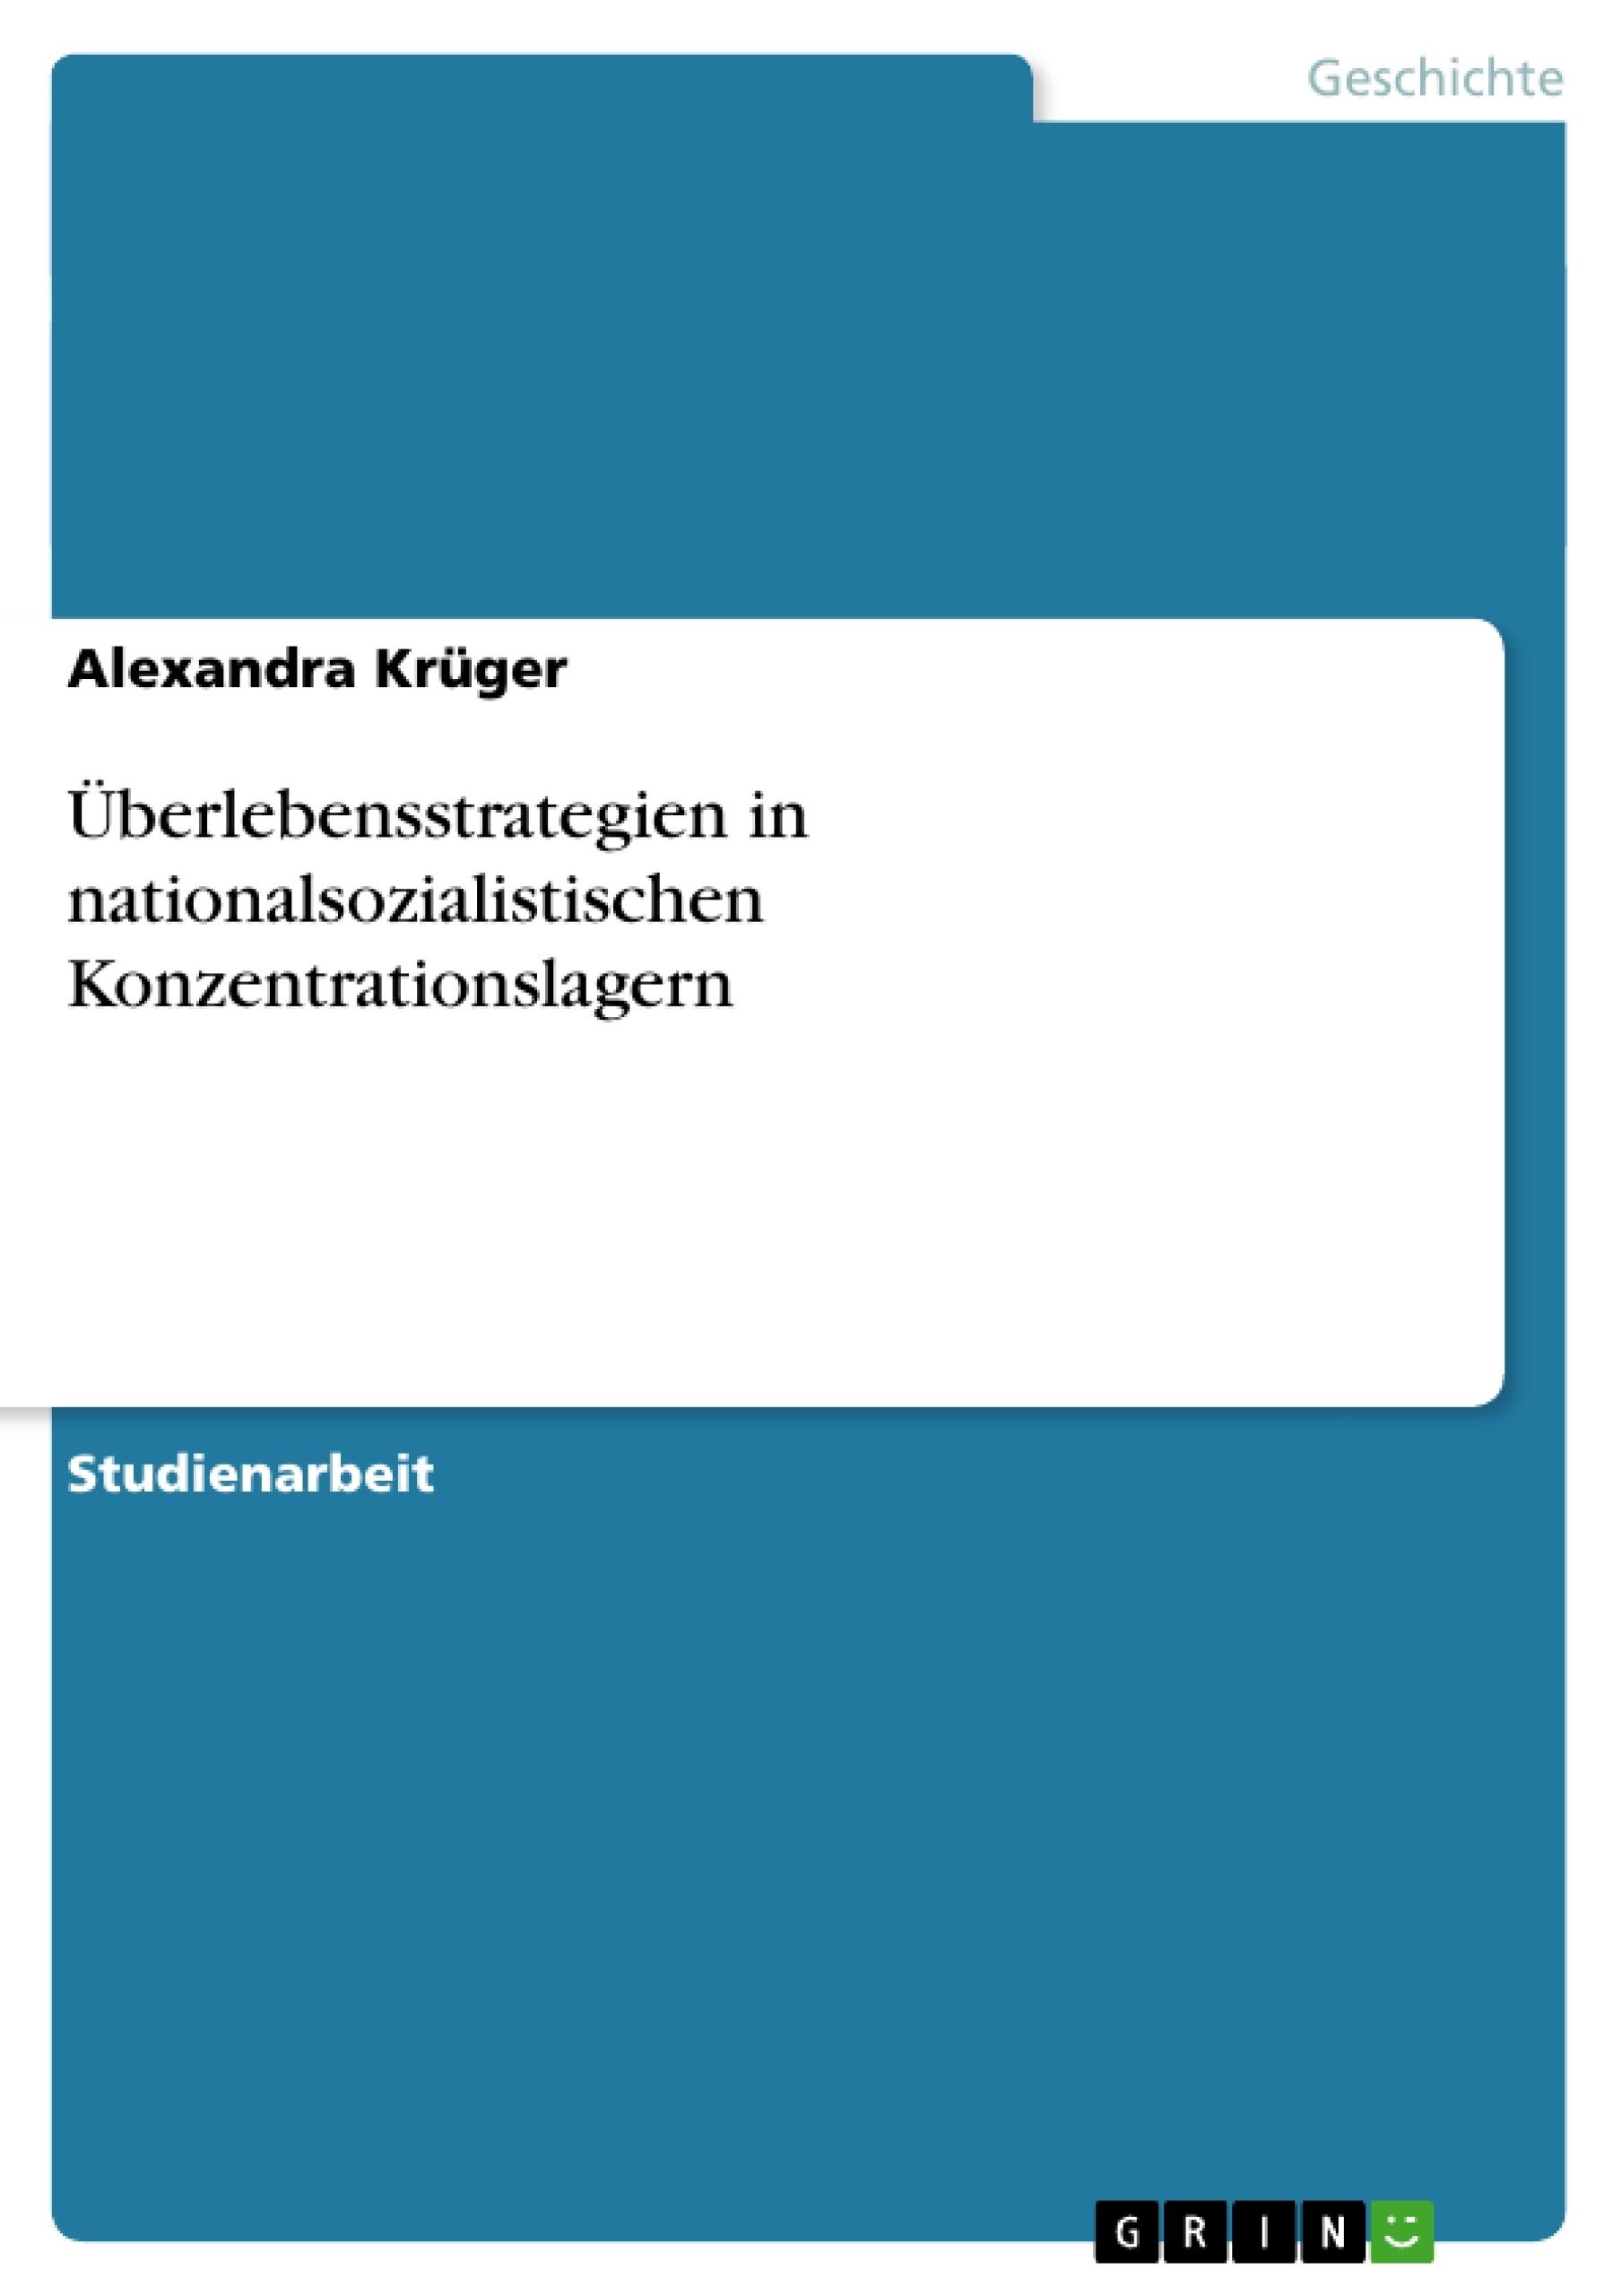 Titel: Überlebensstrategien in nationalsozialistischen Konzentrationslagern